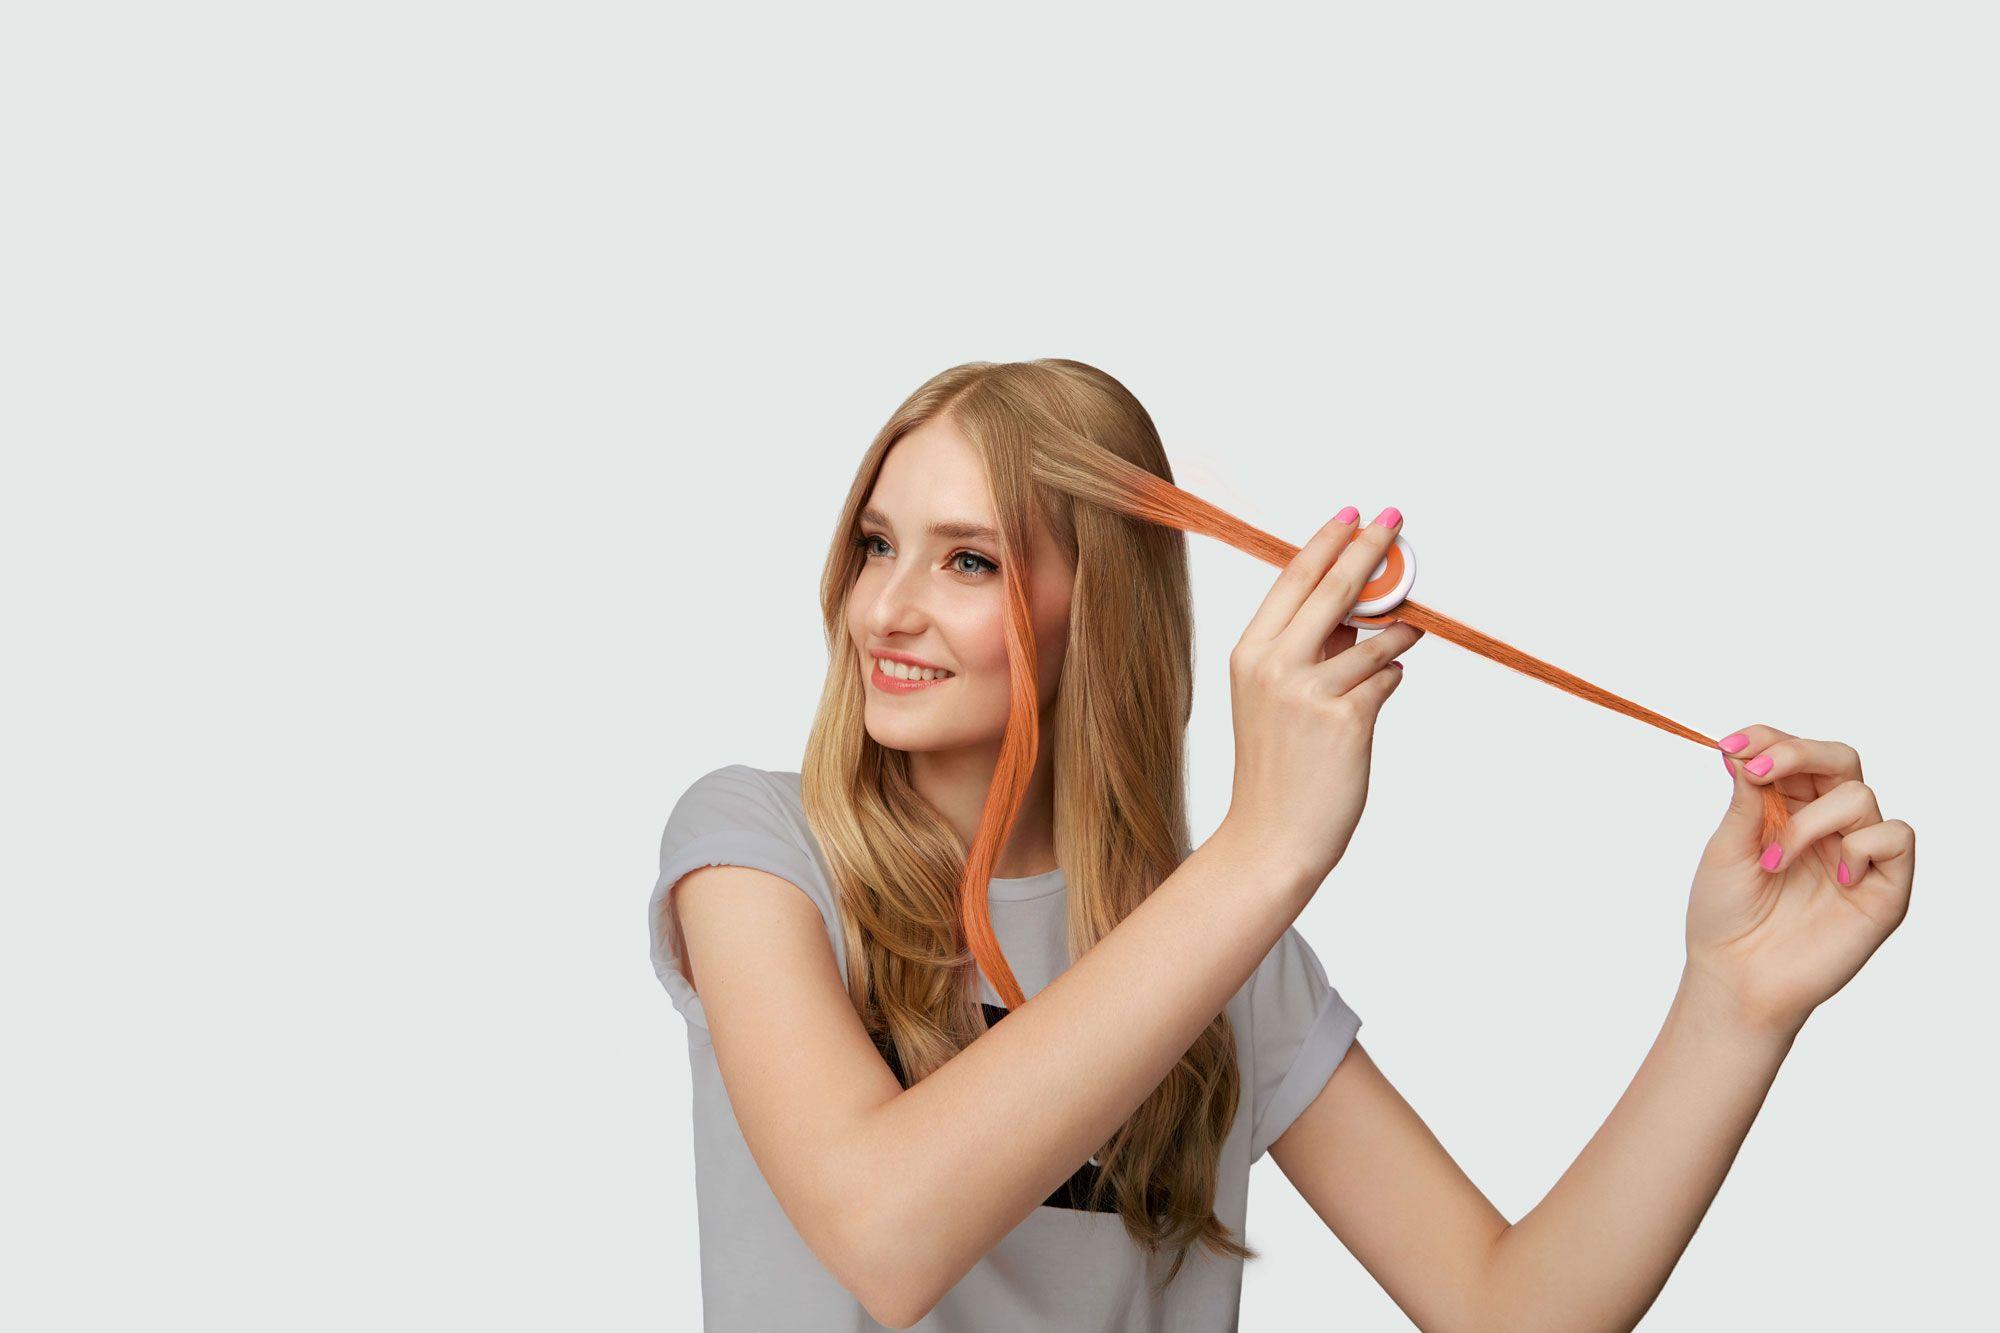 Djevojka plave kose nanosi kredu u boji narančaste boje